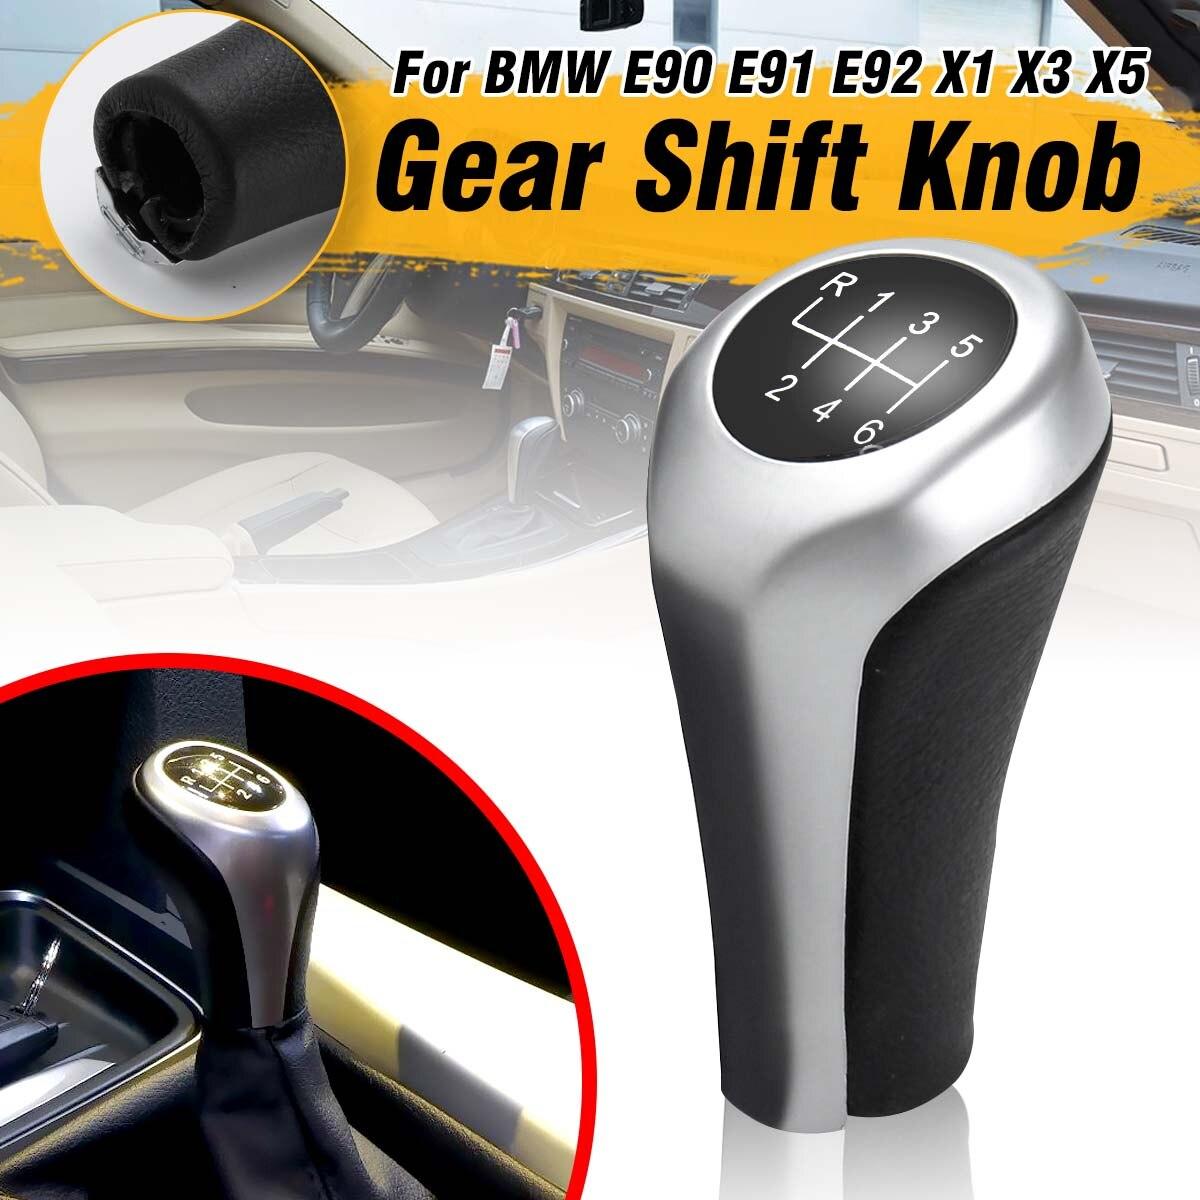 6 Speed Shift Knob Head,Car Manual Gear Shift Knob Stick Head For E36 E46 E39 E34 Z3 E90 E91 E92 X1 X3 X5